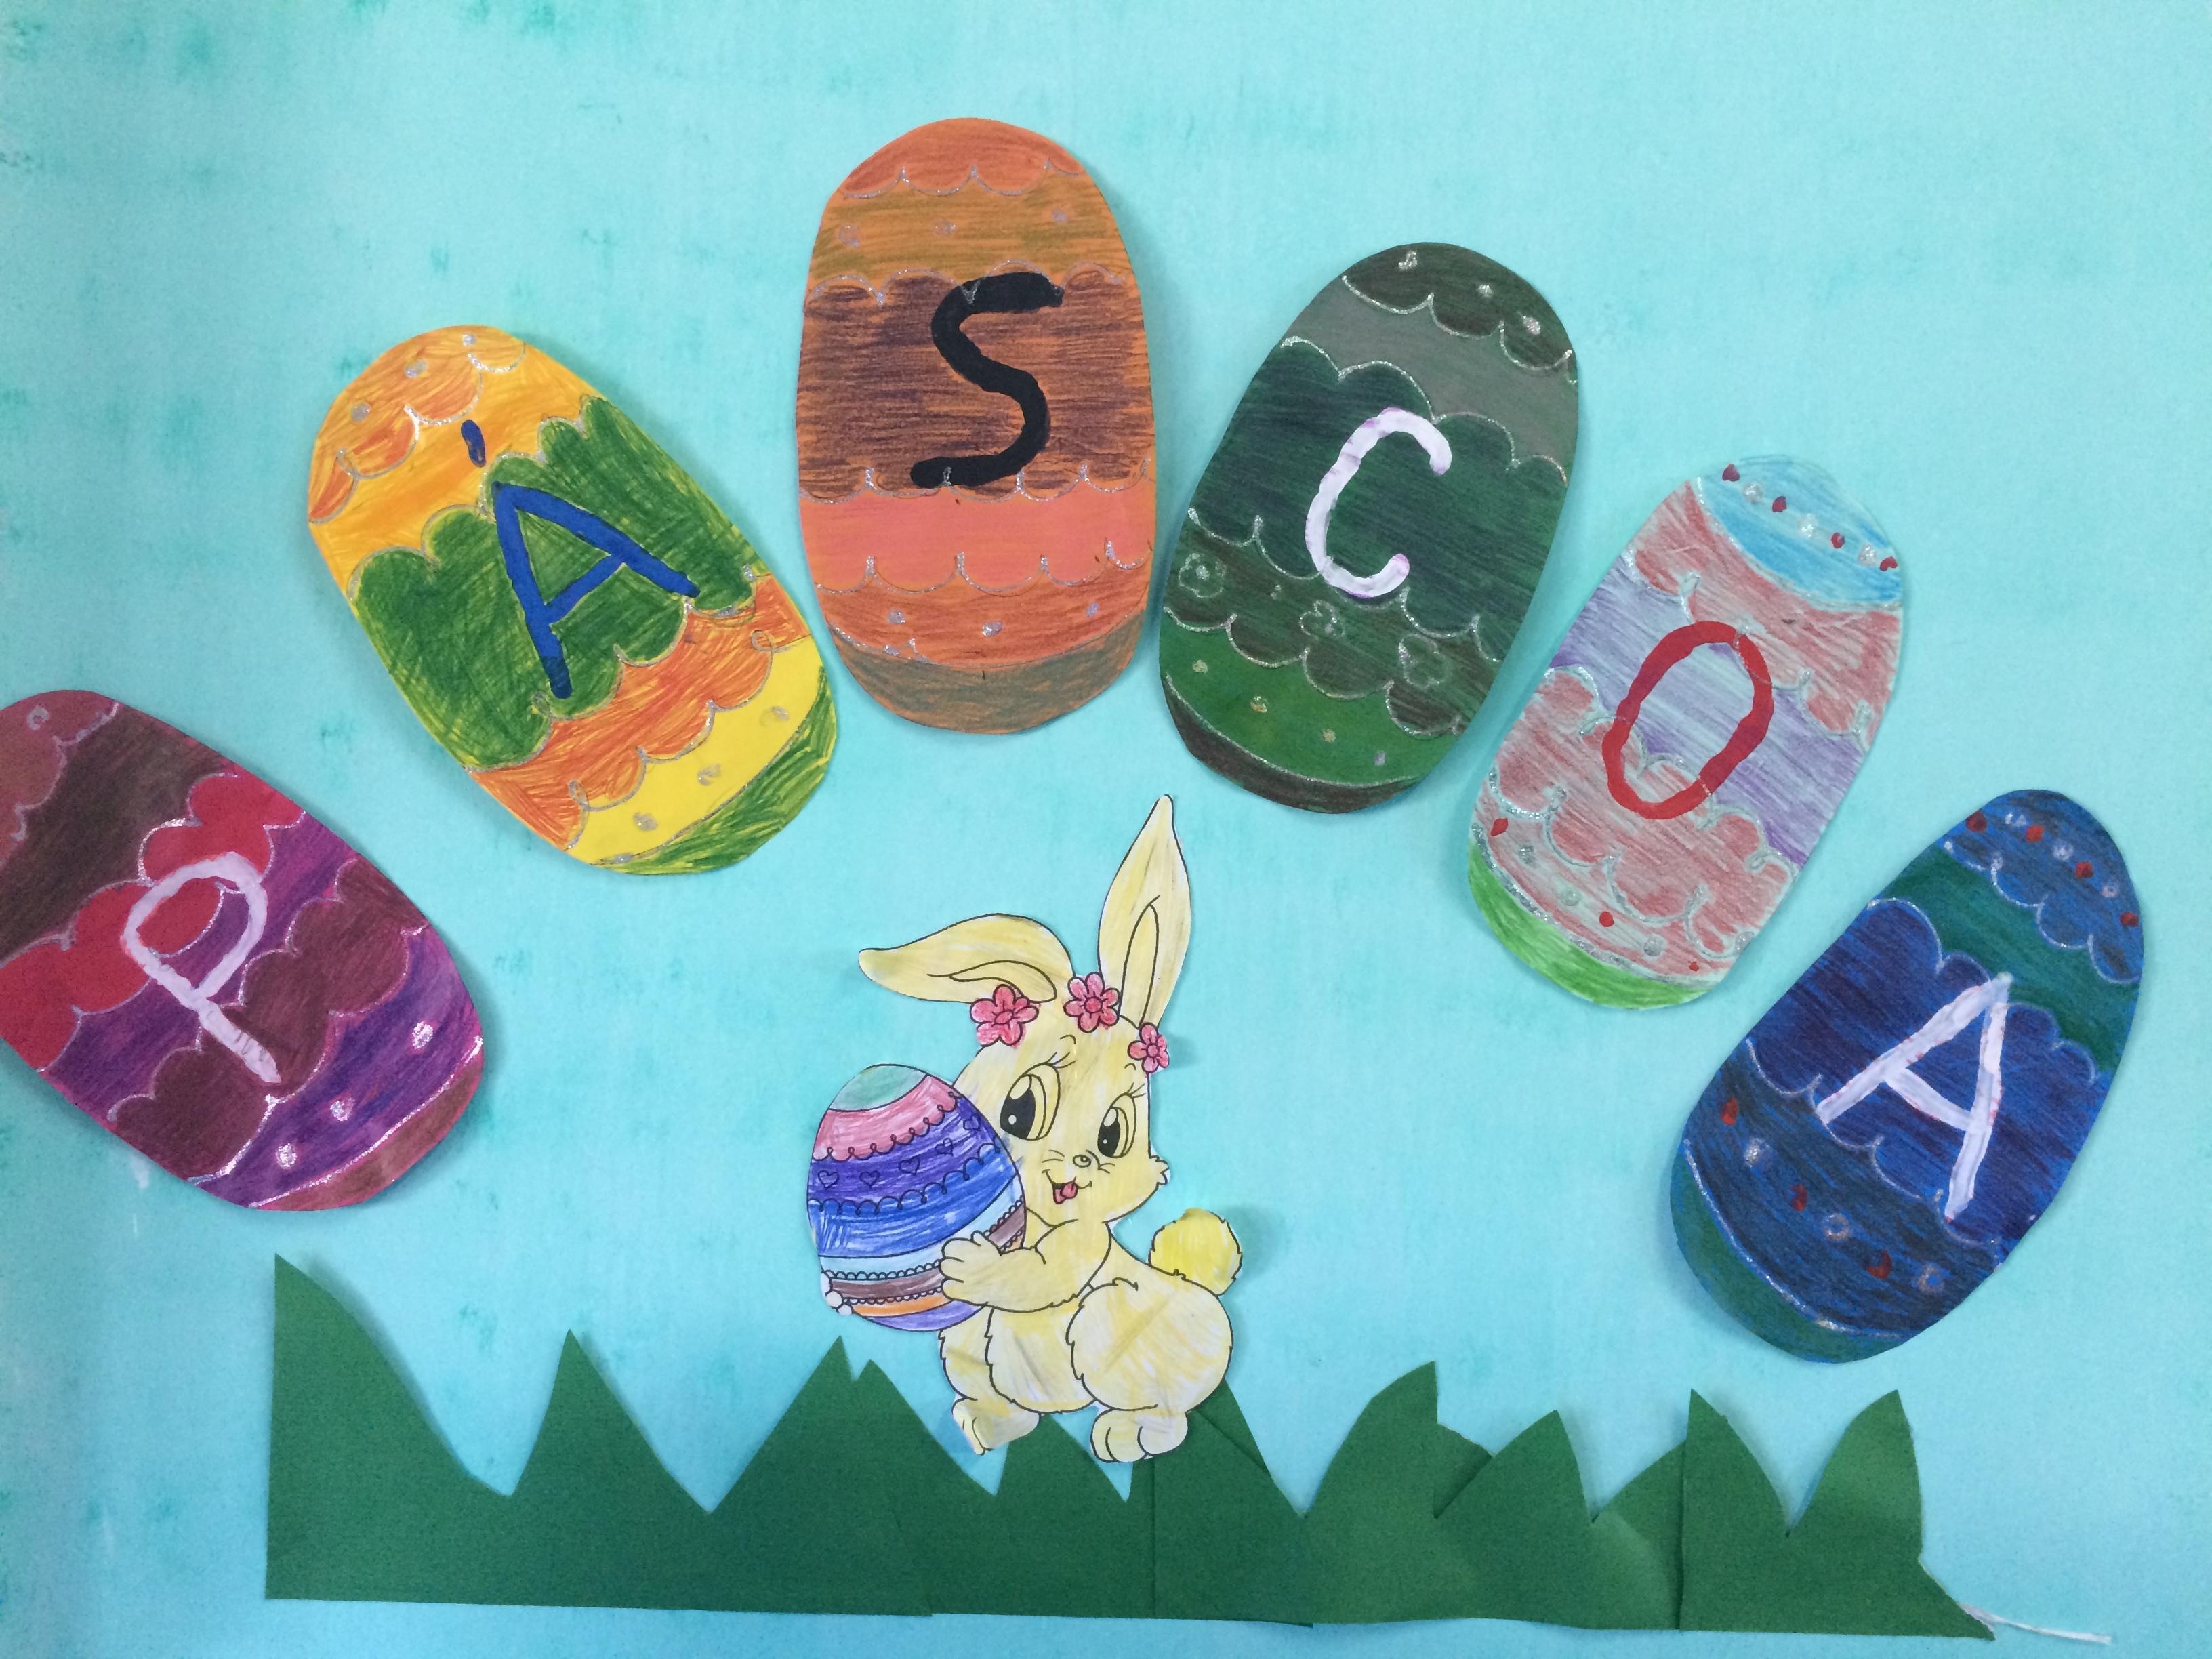 Oficina de Páscoa – As Crianças Fizeram Seus Próprios Ovos de Chocolate!